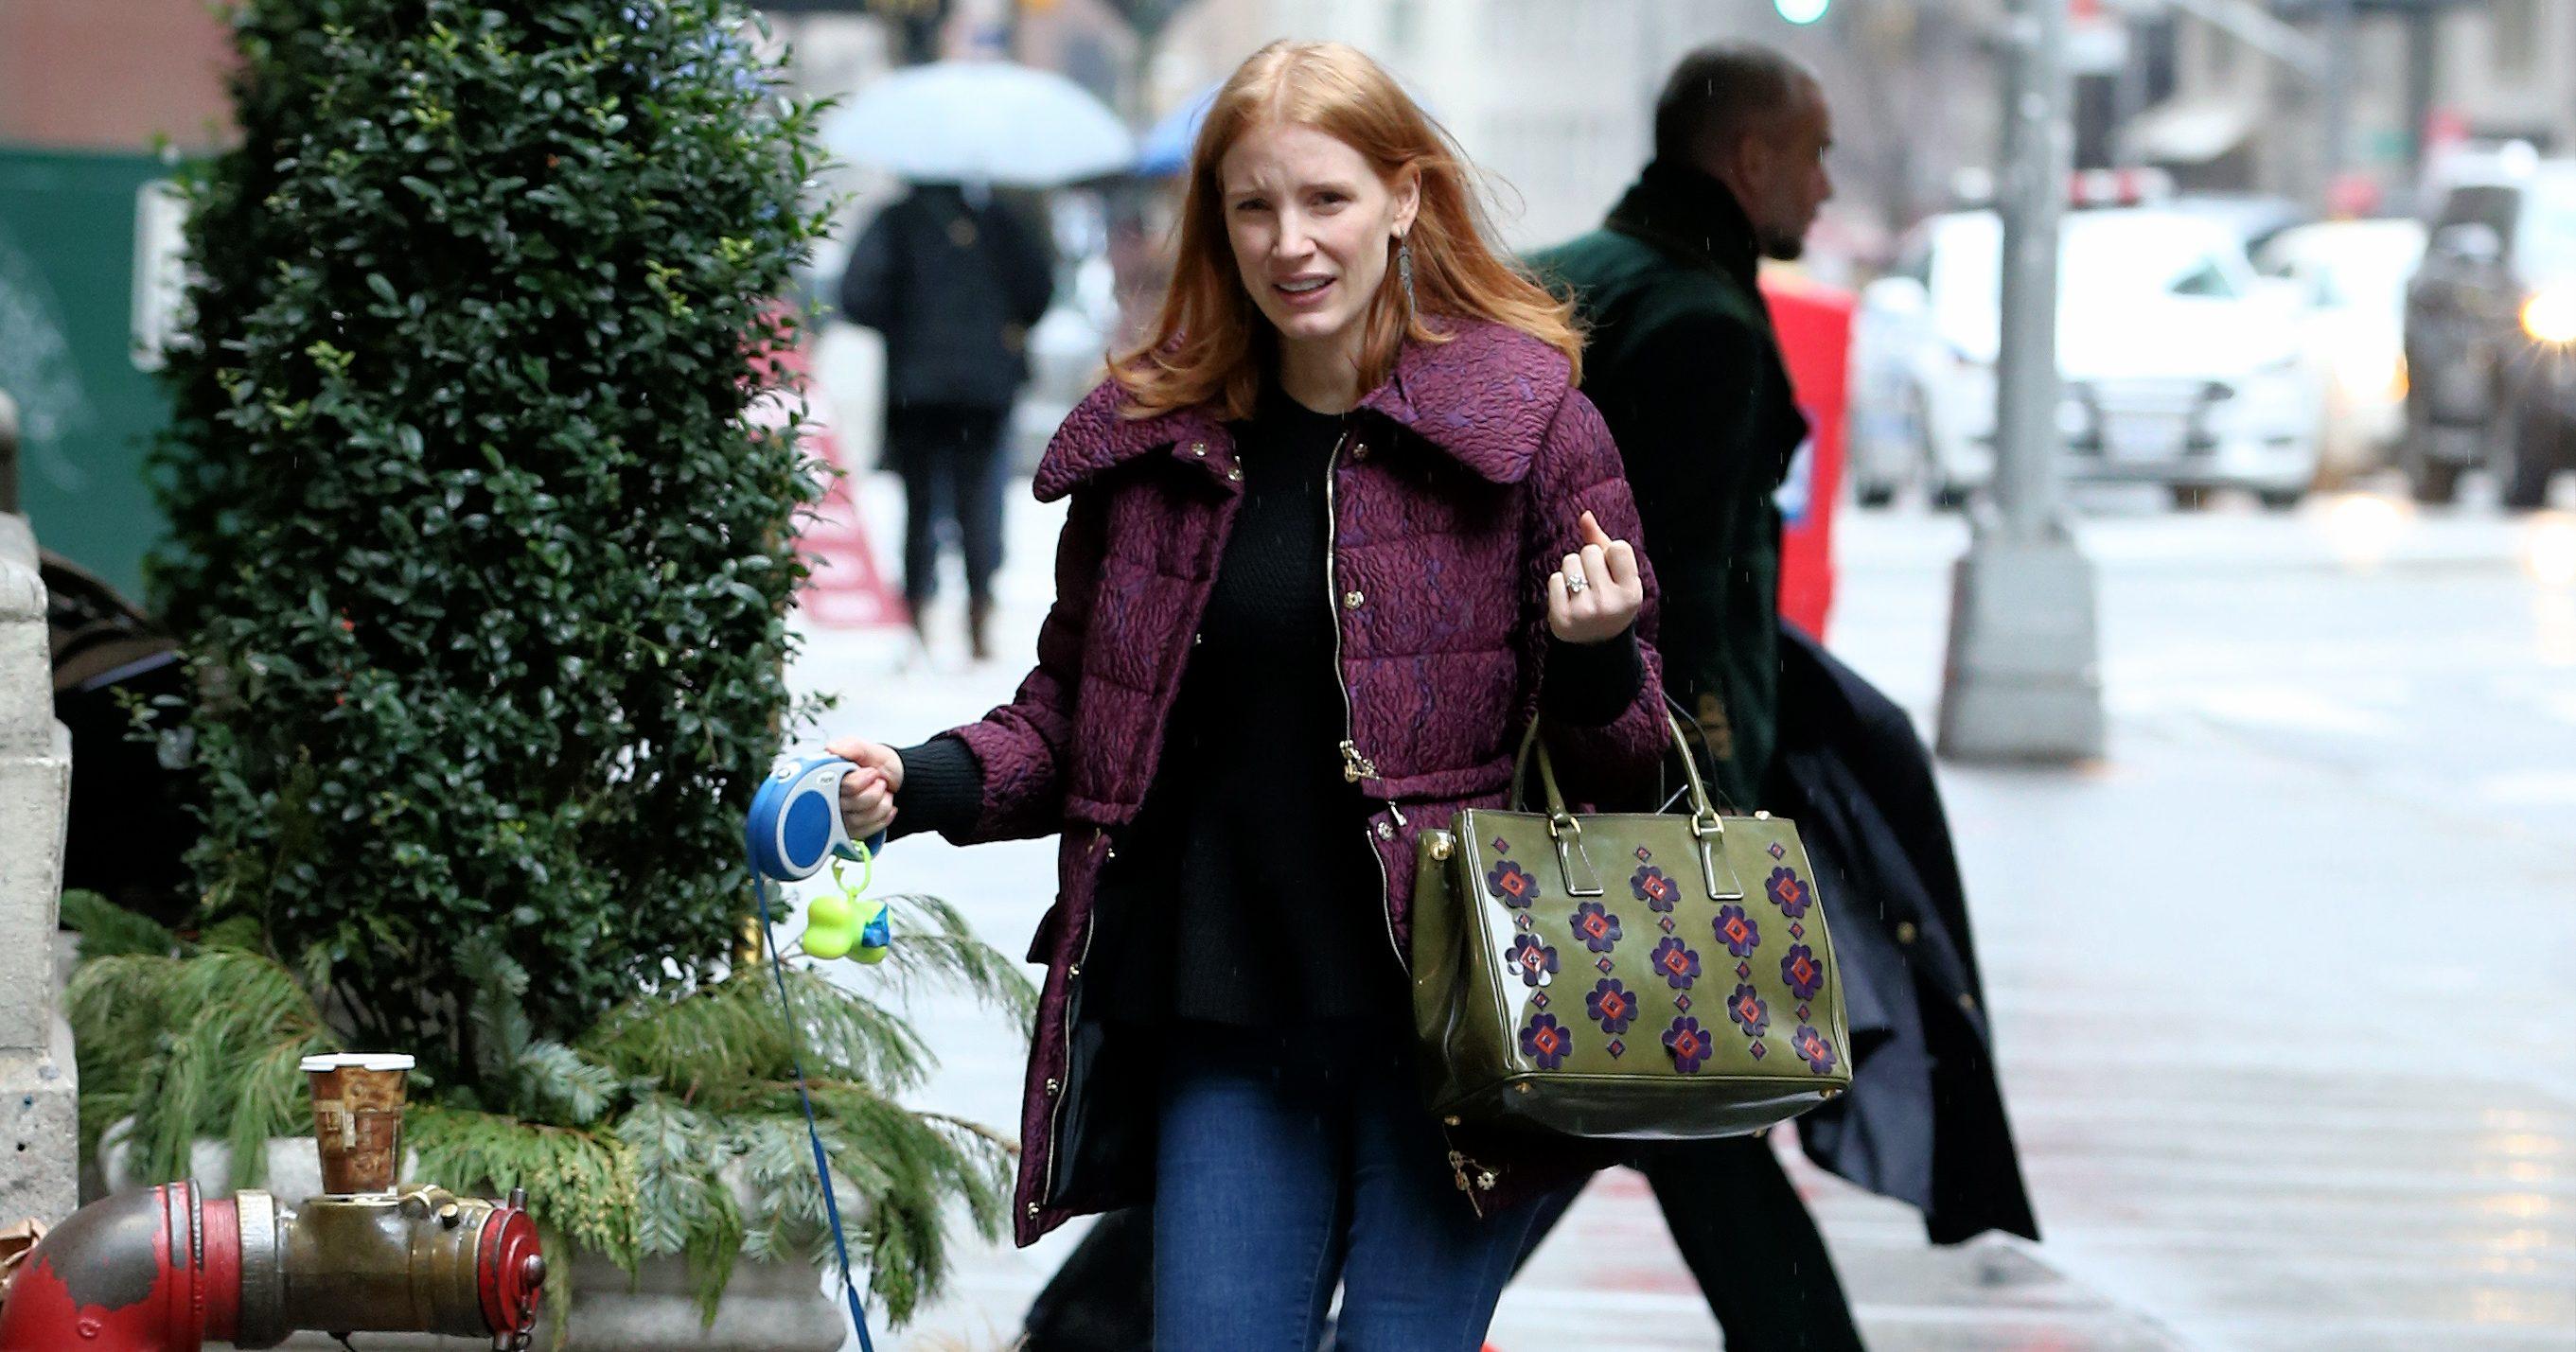 CANDIDS: Jessica passeando em Nova Iorque